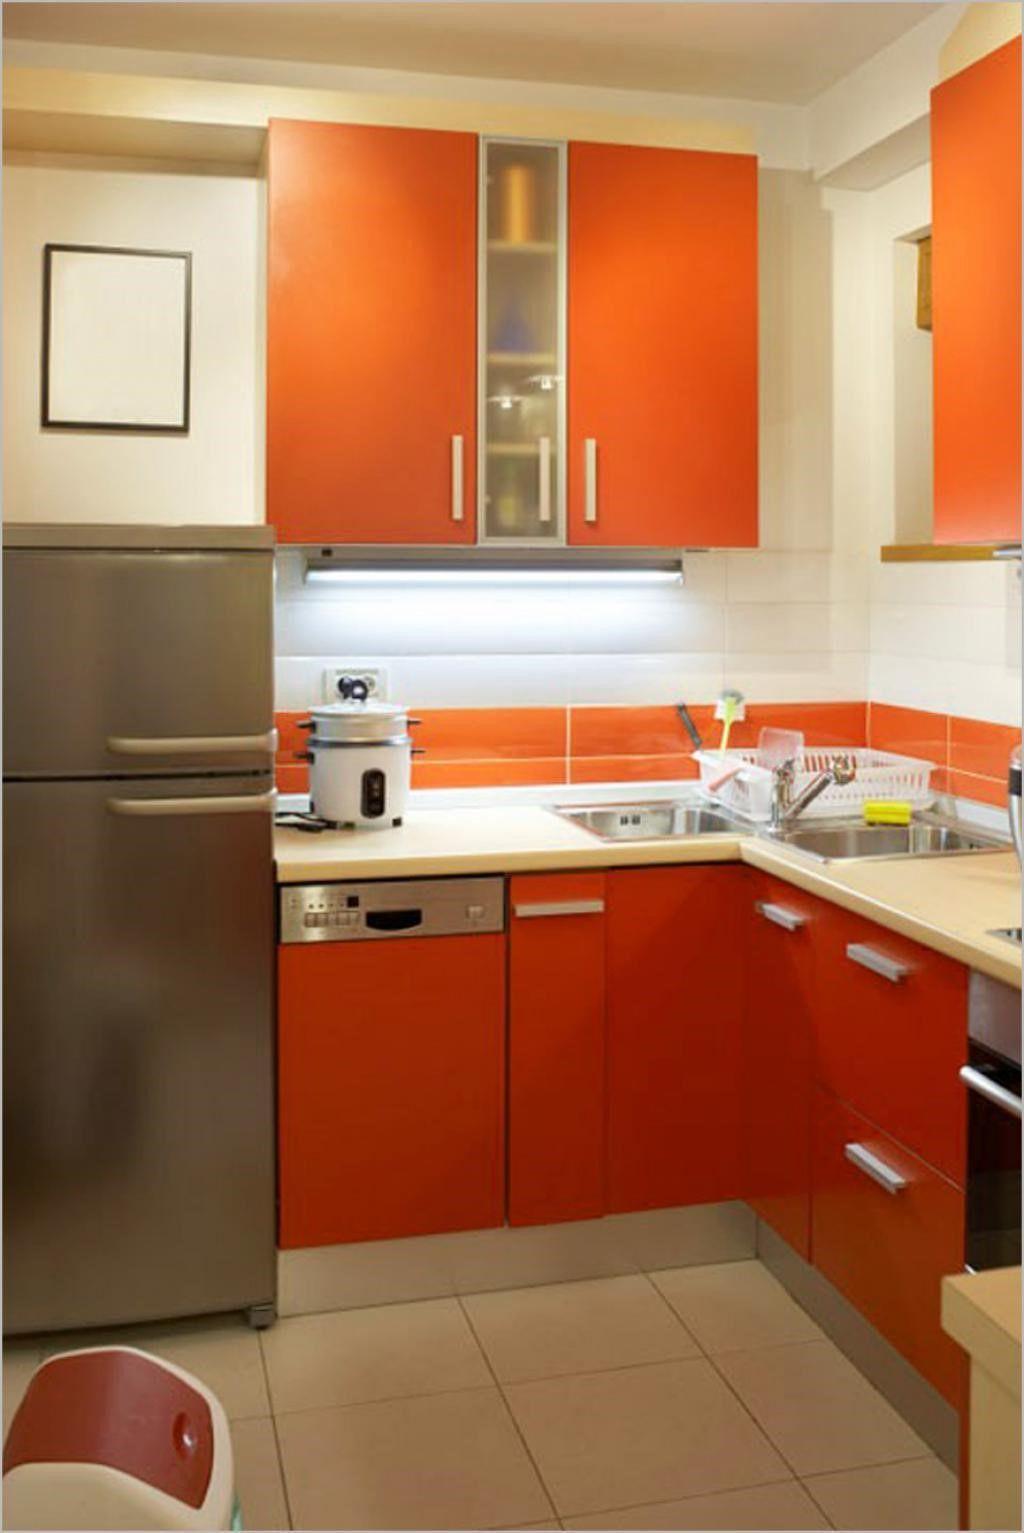 Small Kitchen Interior Design Ideas Check